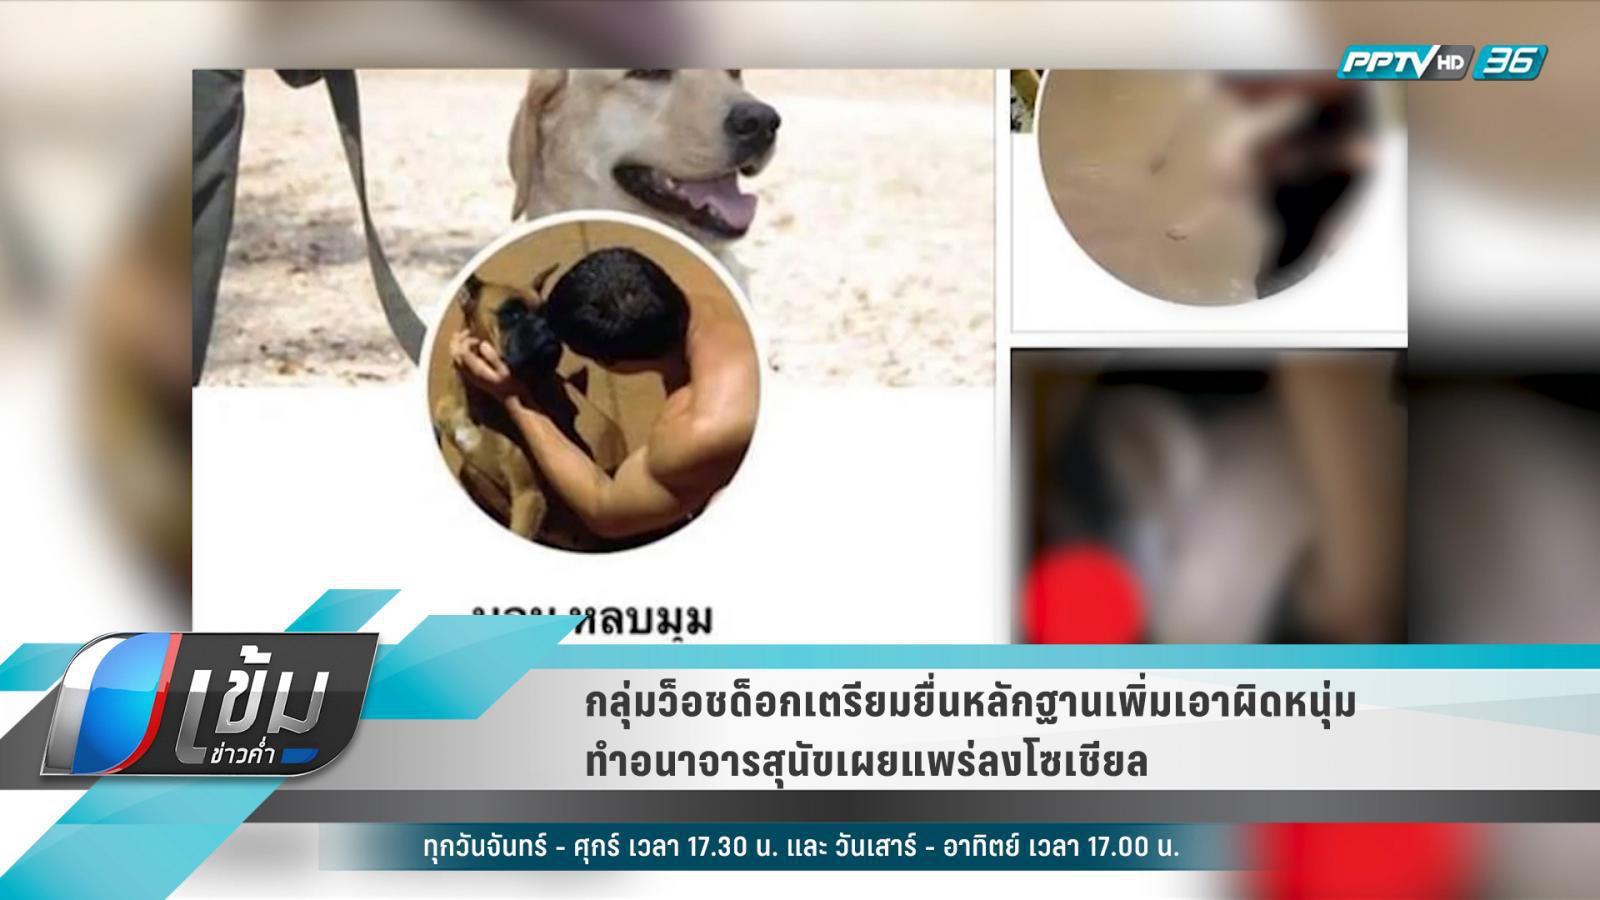 กลุ่มว็อชด็อกเตรียมยื่นหลักฐานเพิ่มเอาผิดหนุ่มทำอนาจารสุนัขเผยแพร่ลงโซเชียล